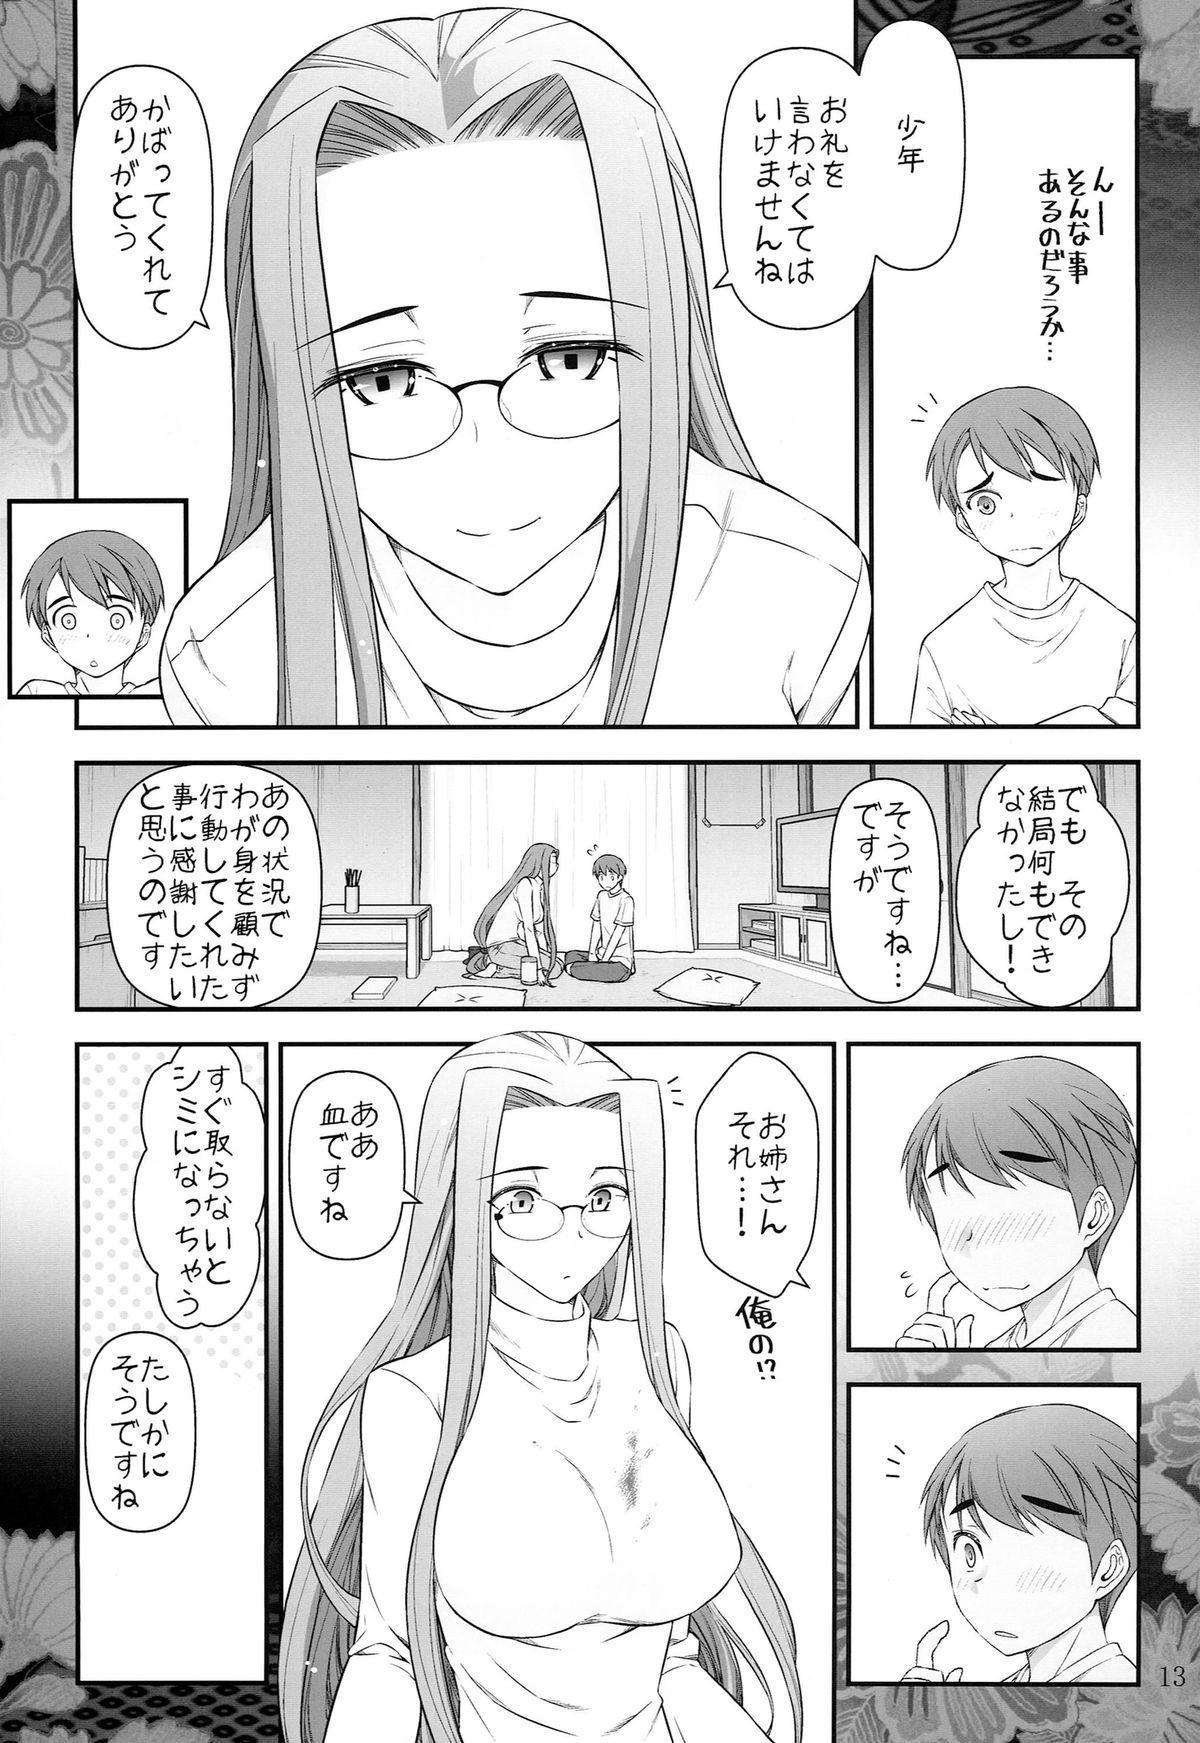 Fate/stay night Rider-san to Shounen no Nichijou 14